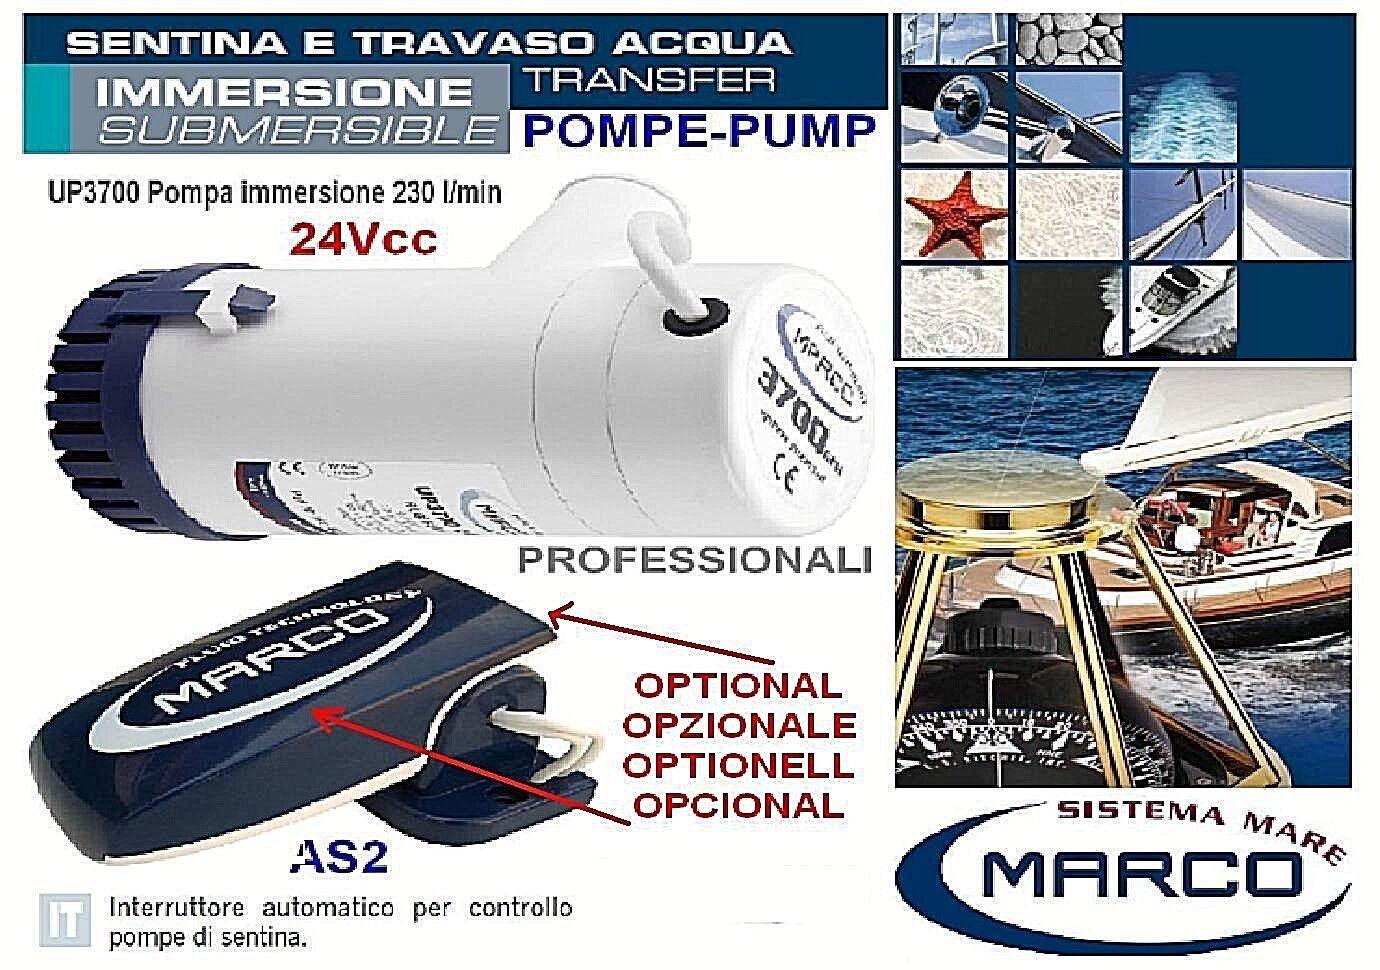 MARCO UP3700 Pumpe der bilge bilge bilge Profi Eintauchen 24V 230 Lt. Minute Stiefel 2bb6b9